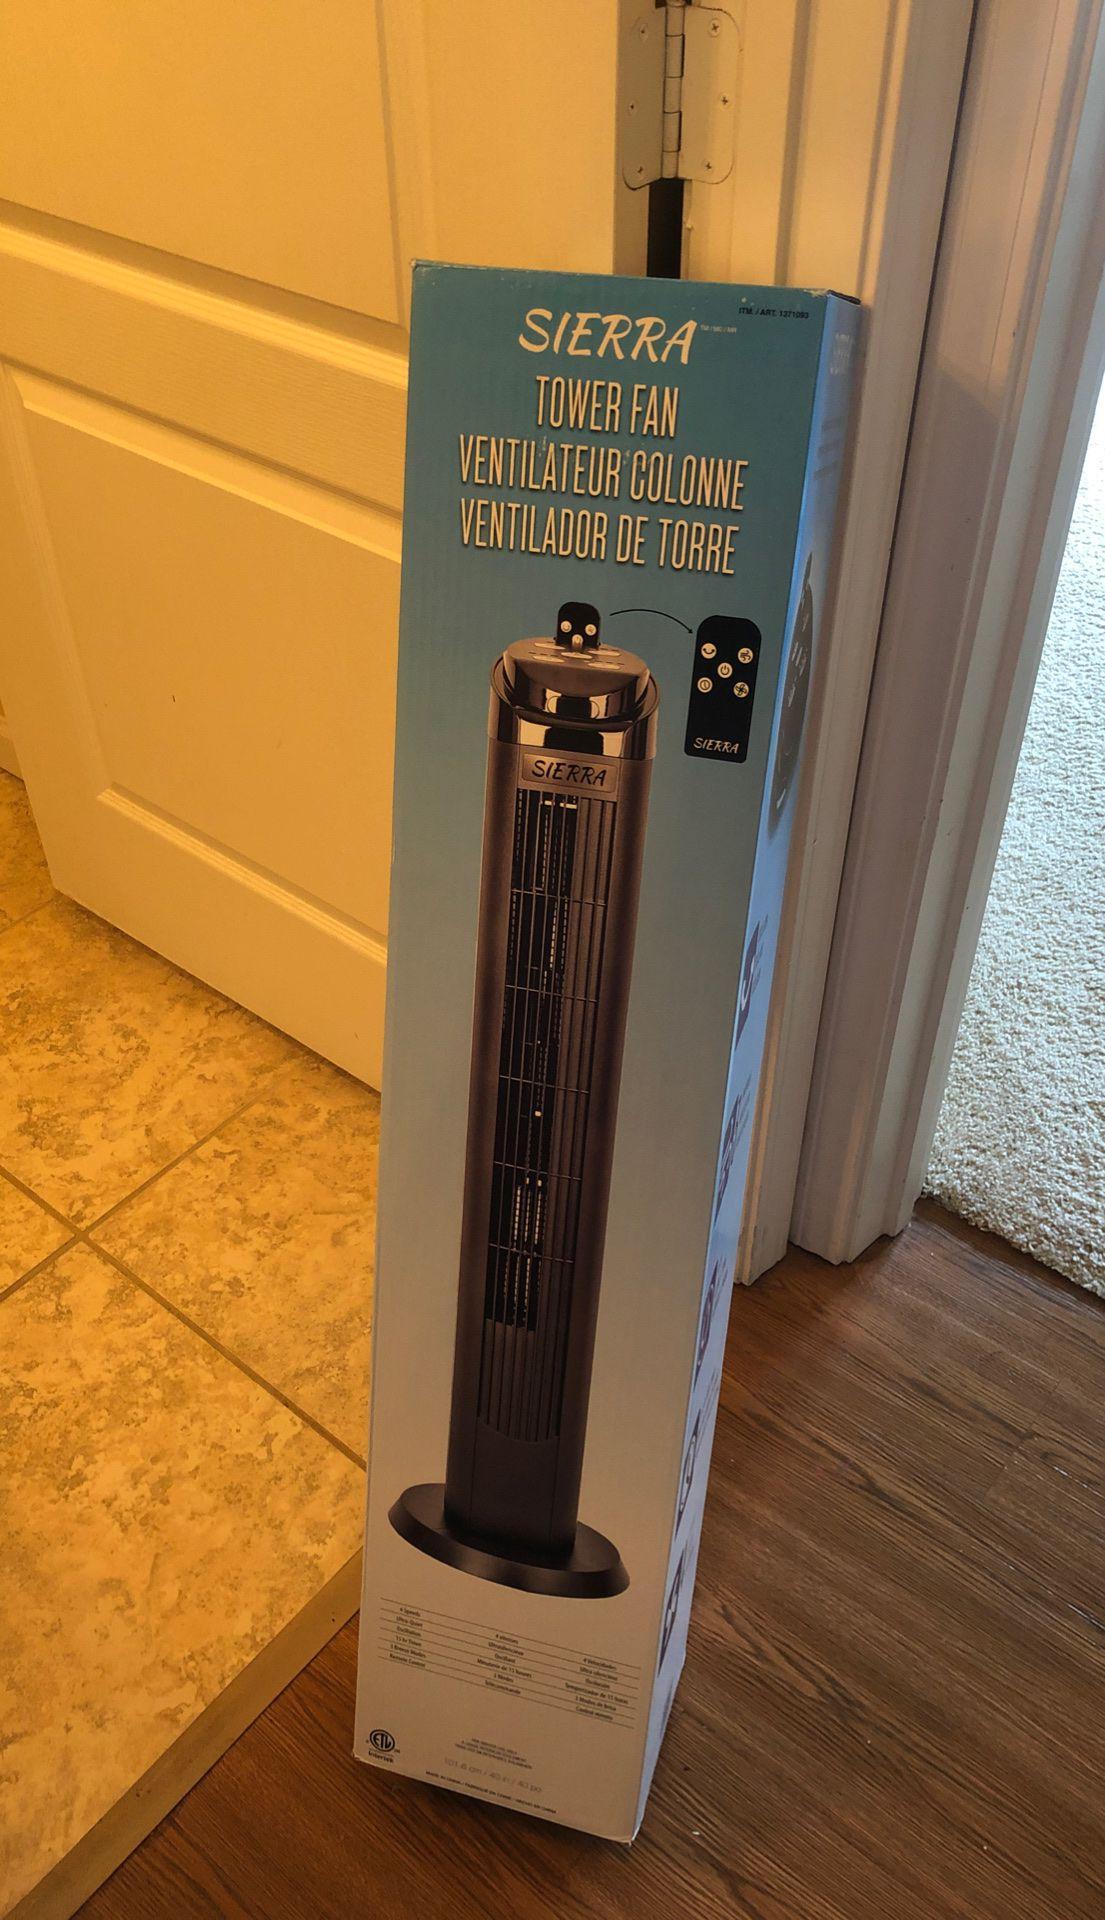 Sierra tower fan , 4 speed plus oscillation